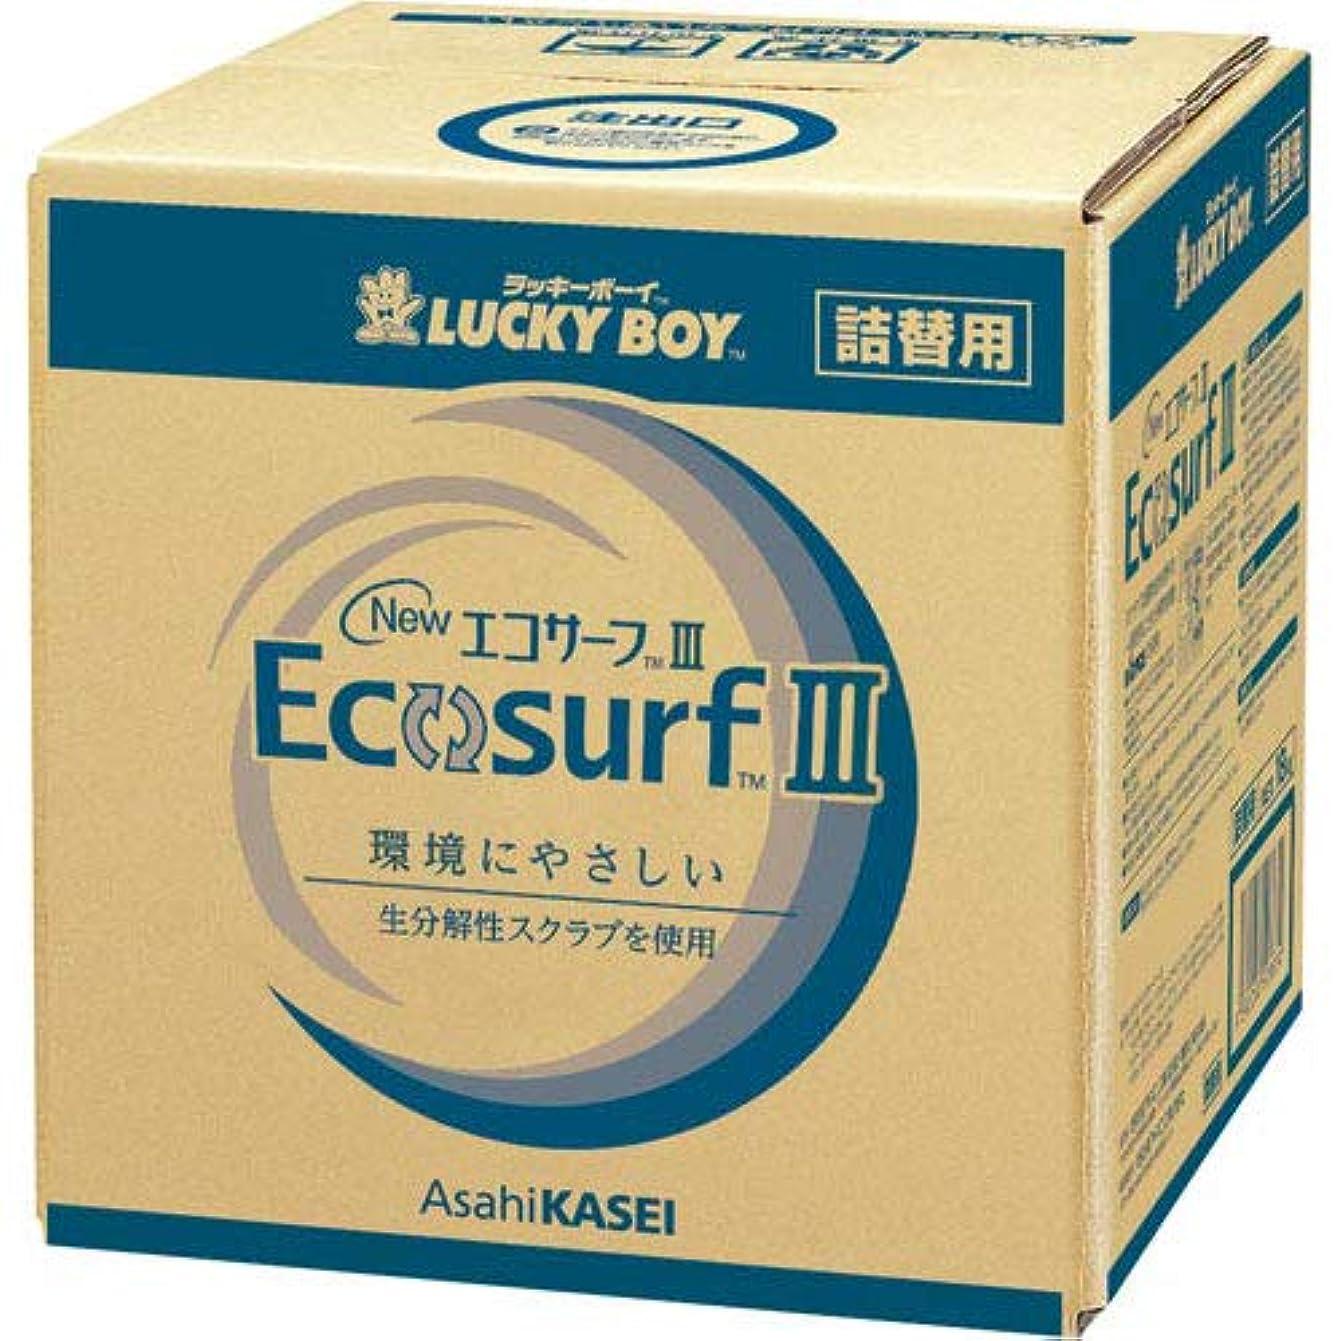 宿実業家最初は旭化成アドバンス ラッキーボーイNEWエコサーフ3詰め替え用ボックス